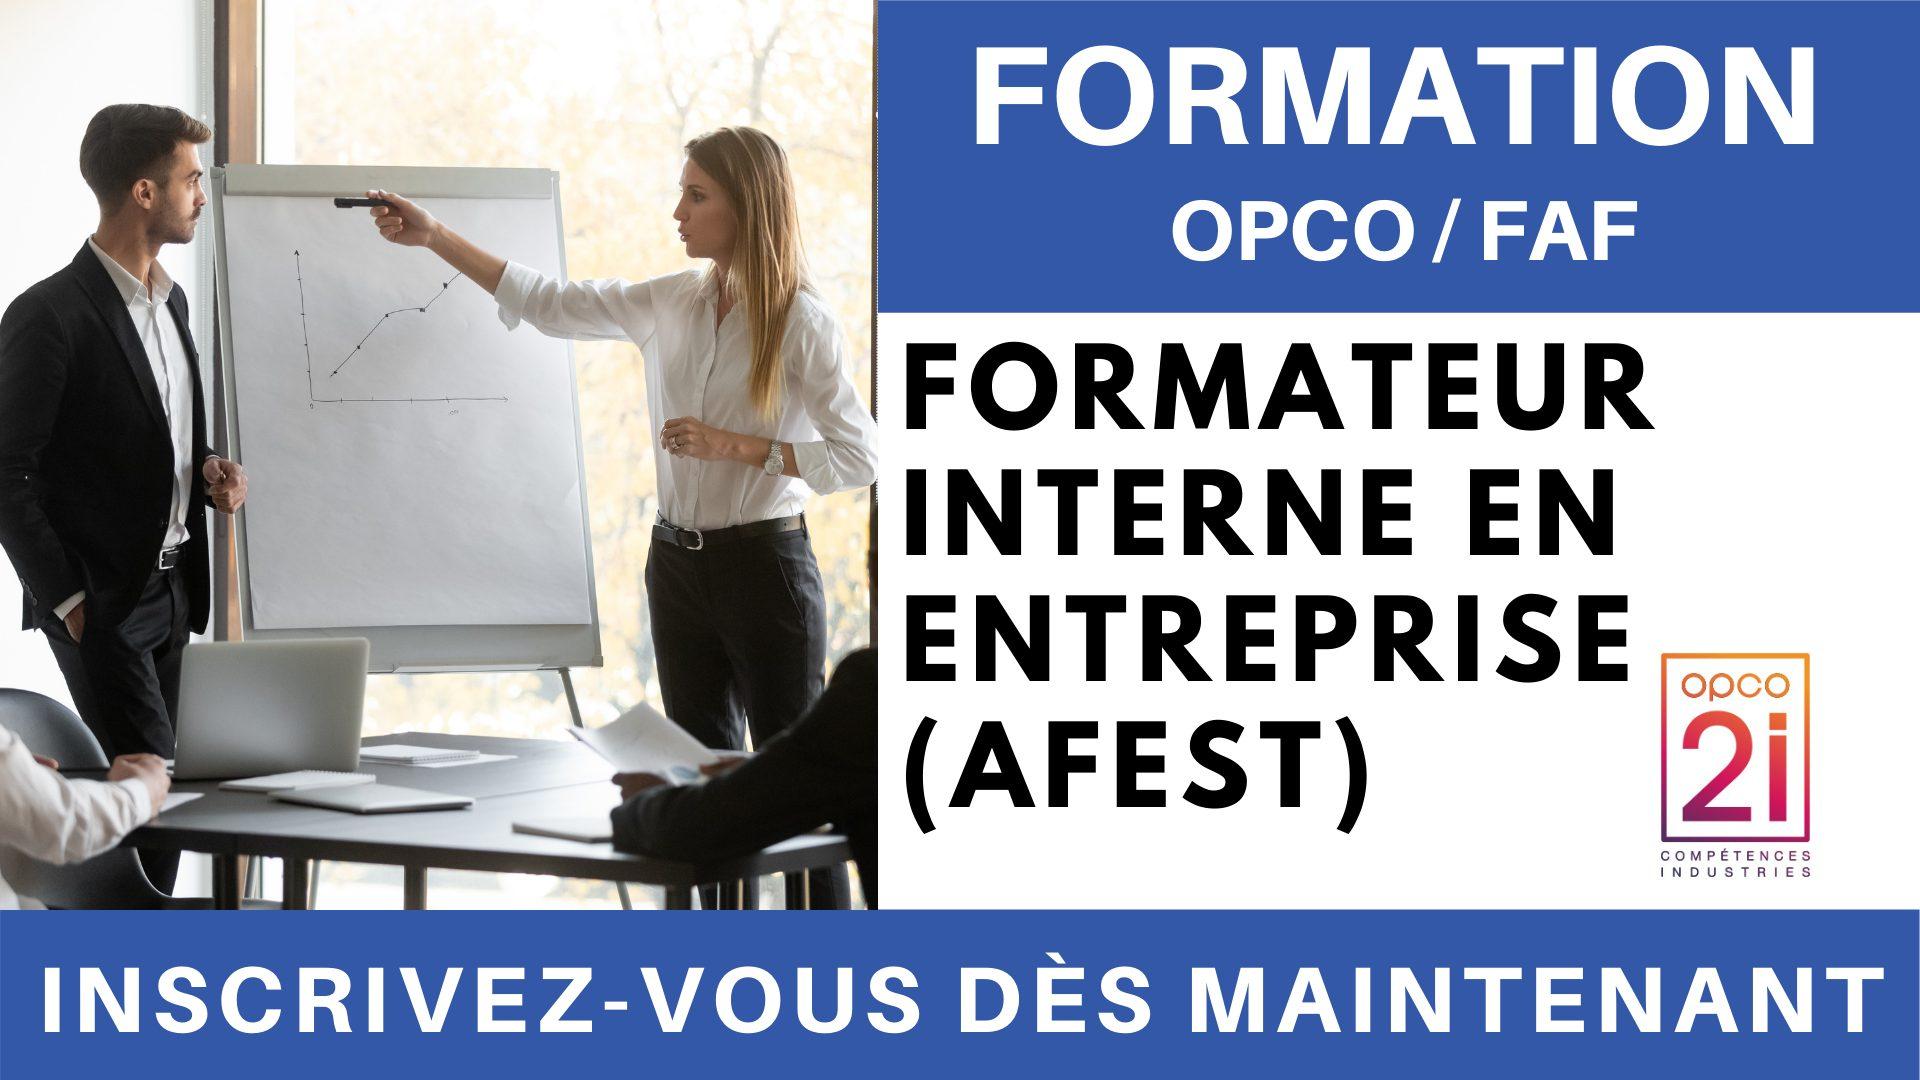 Formation OPCO FAF - Formateur interne en entreprise (AFEST)